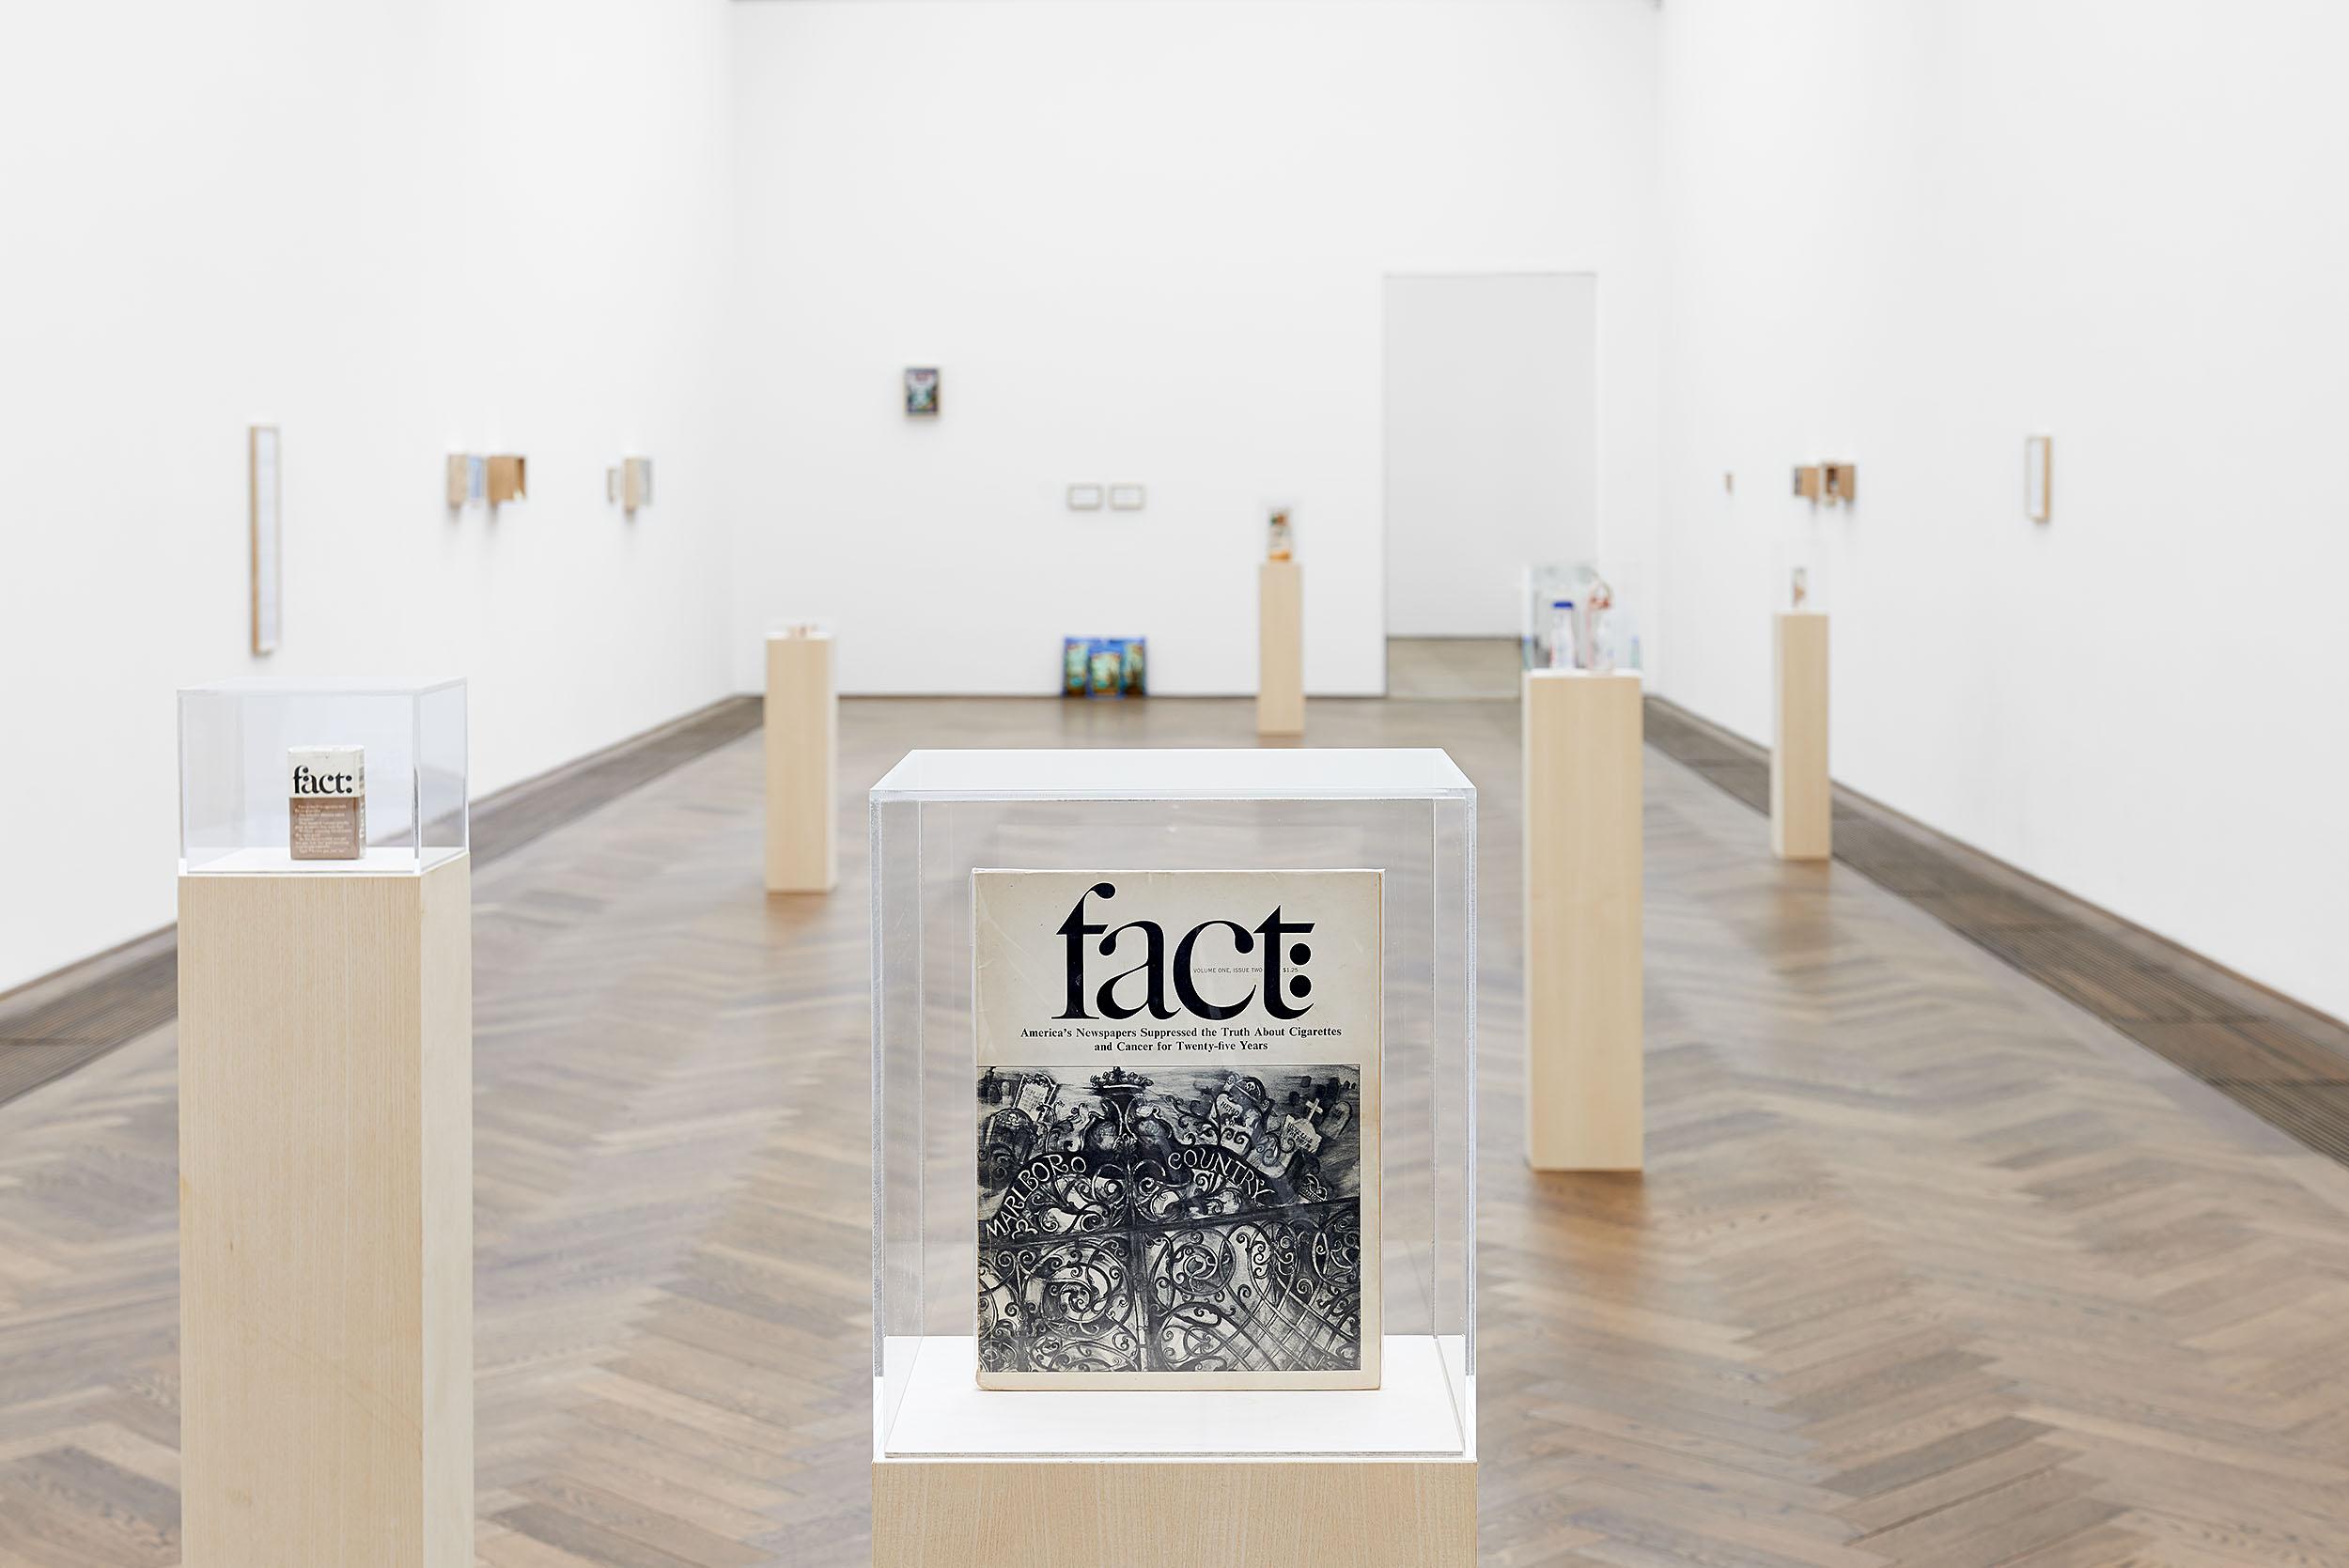 Maryam_Jafri_Generic_Corner_Kunsthalle_Basel_01